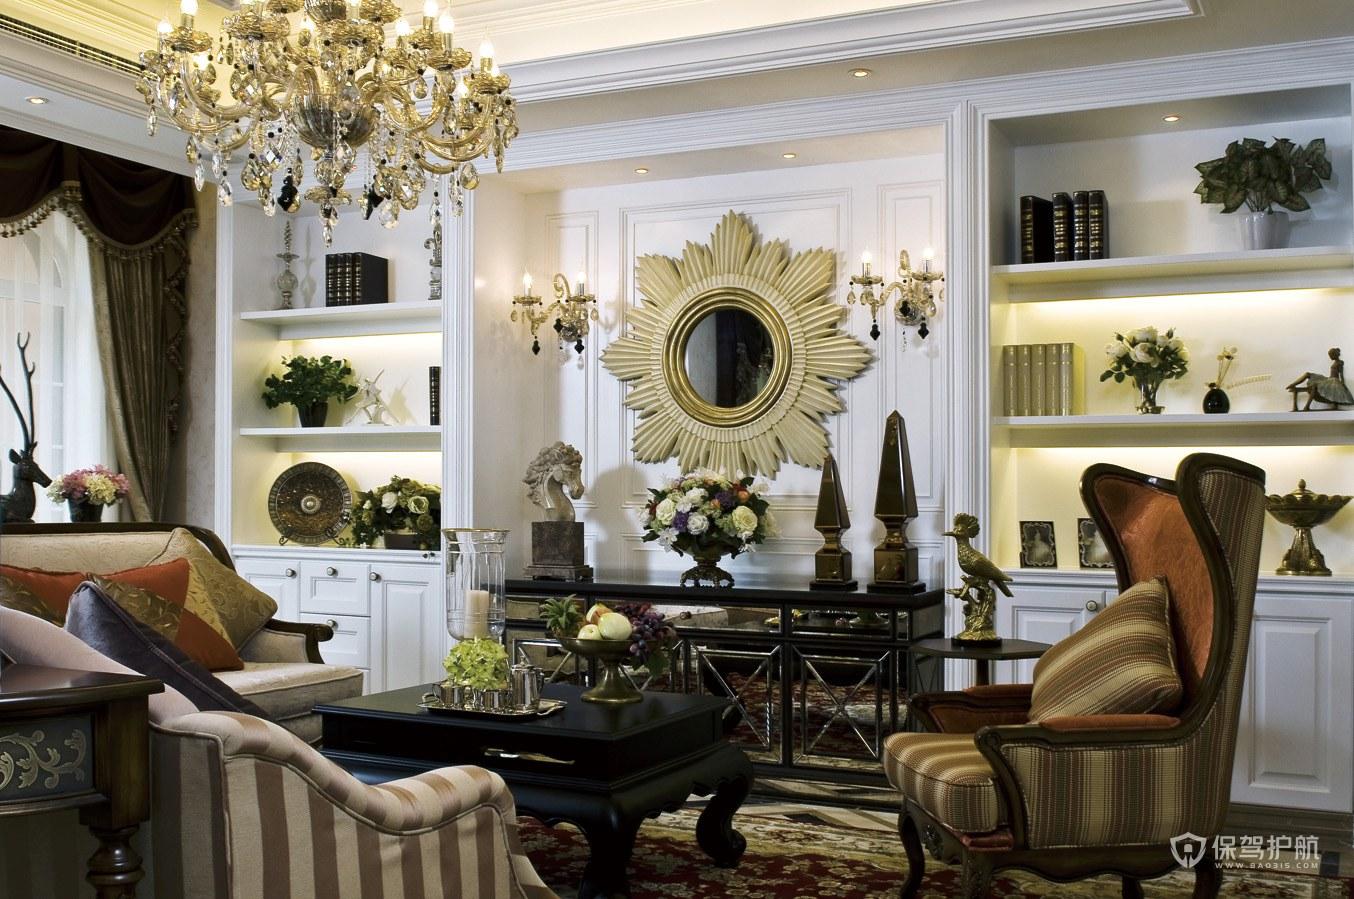 豪华欧式风格别墅客厅橱柜装修效果图…